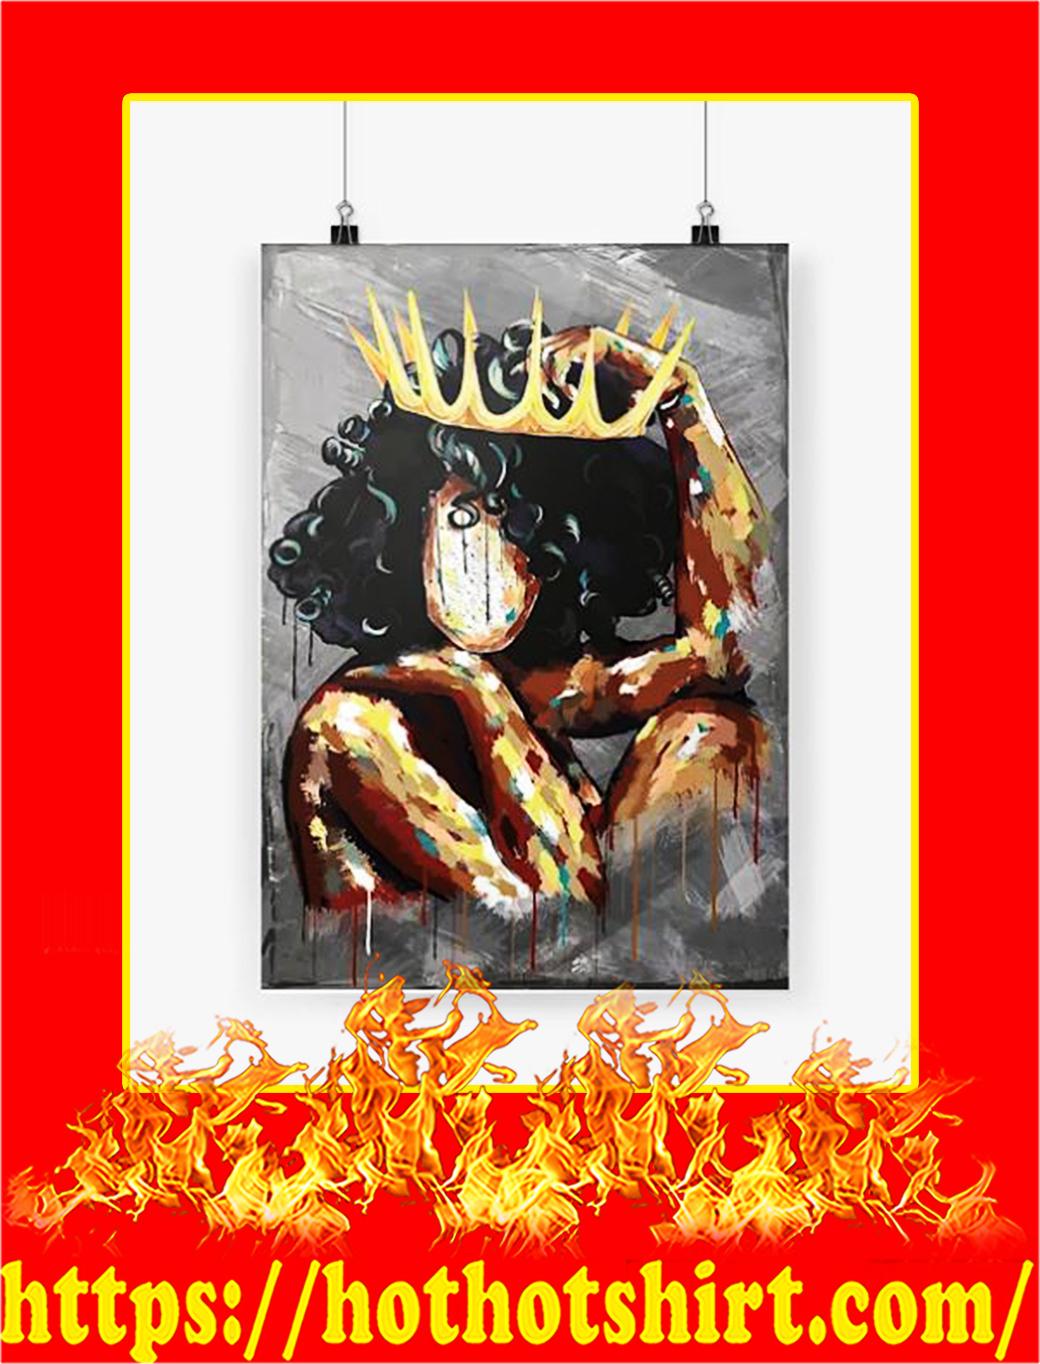 Black Queen Vertical Poster - A3